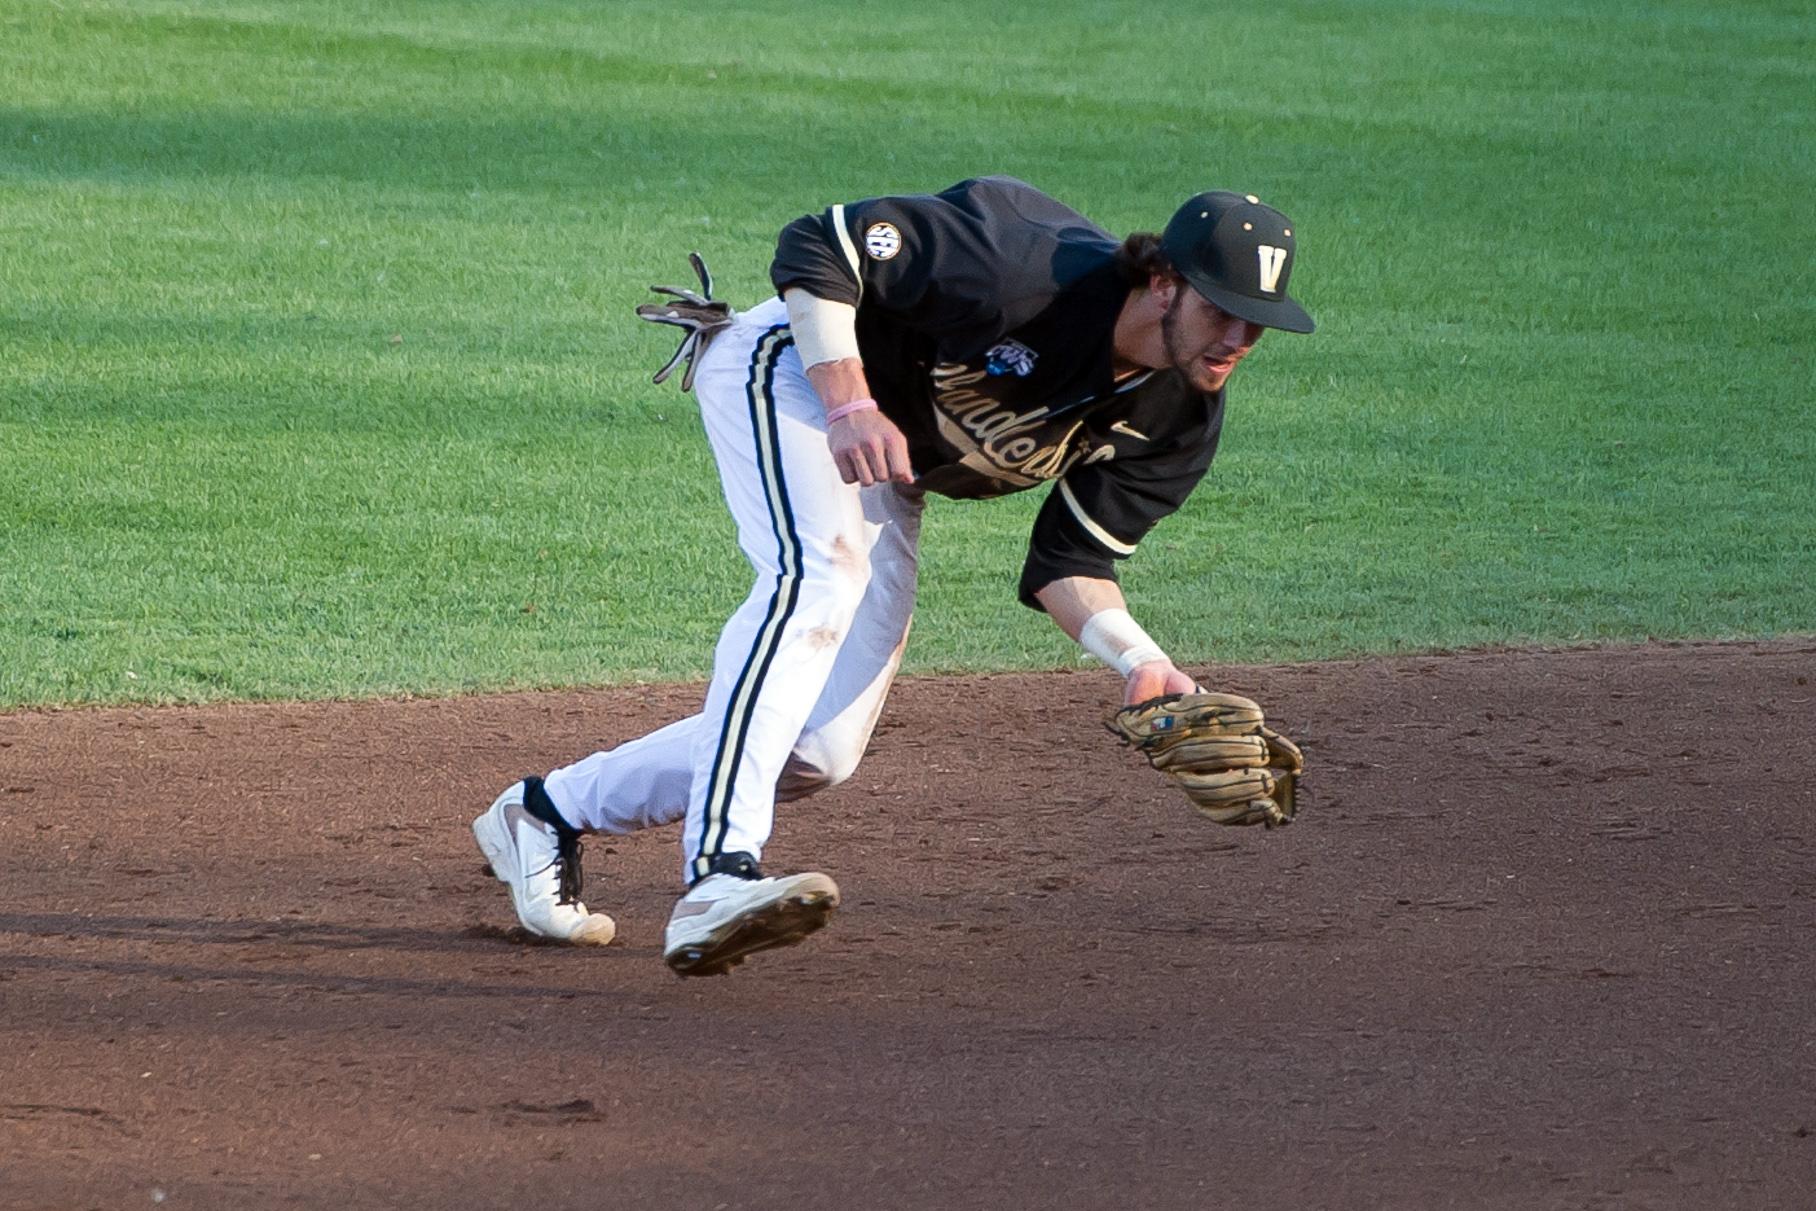 Vanderbilt shortstop Dansby Swanson